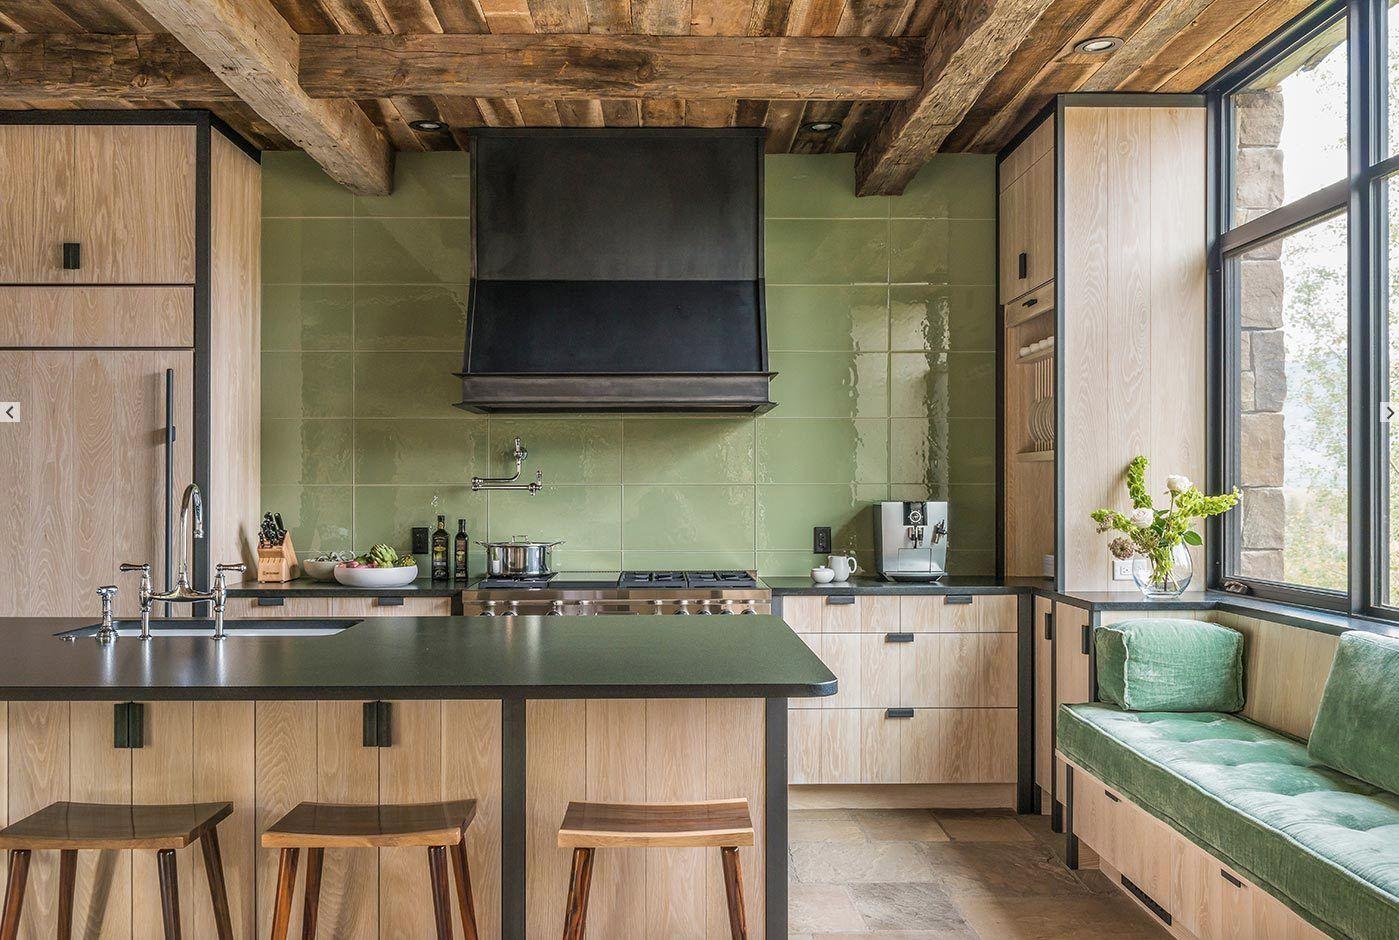 Green Kitchen Limed Oak Cabinets Bleached Oak Cabinets Black Countertops Large Tile Backsplash Bla Kitchen Inspirations Design Build Firm Tennessee Living